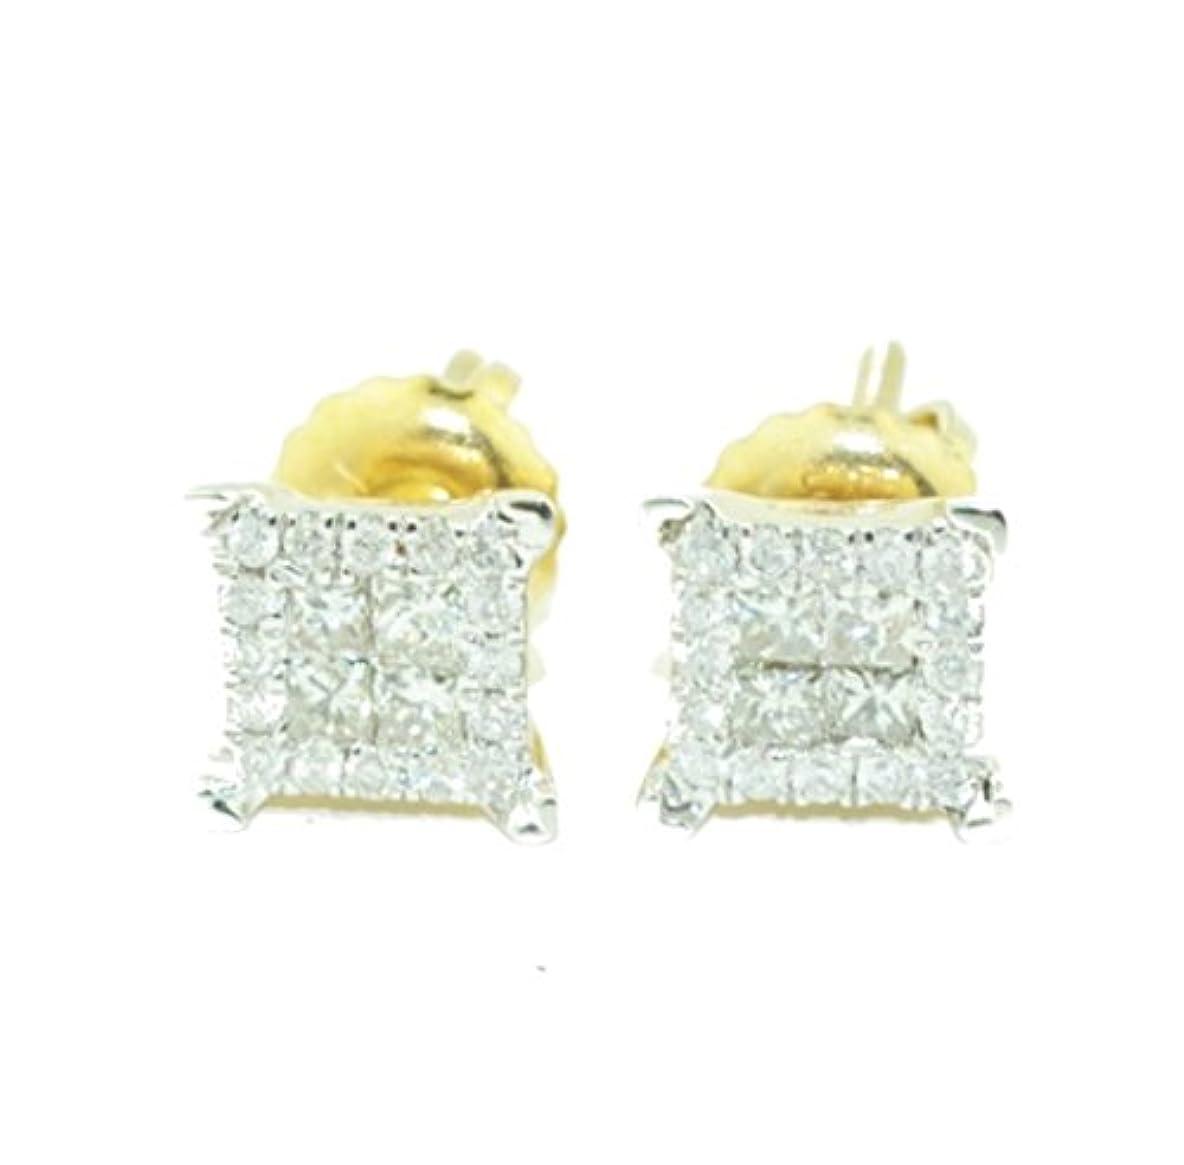 パラダイスどちらか一般的に言えばメンズのゴールドイヤリングプリンセスカットダイヤモンドスタッドイヤリングGuys 10 Kゴールド6.5 MM